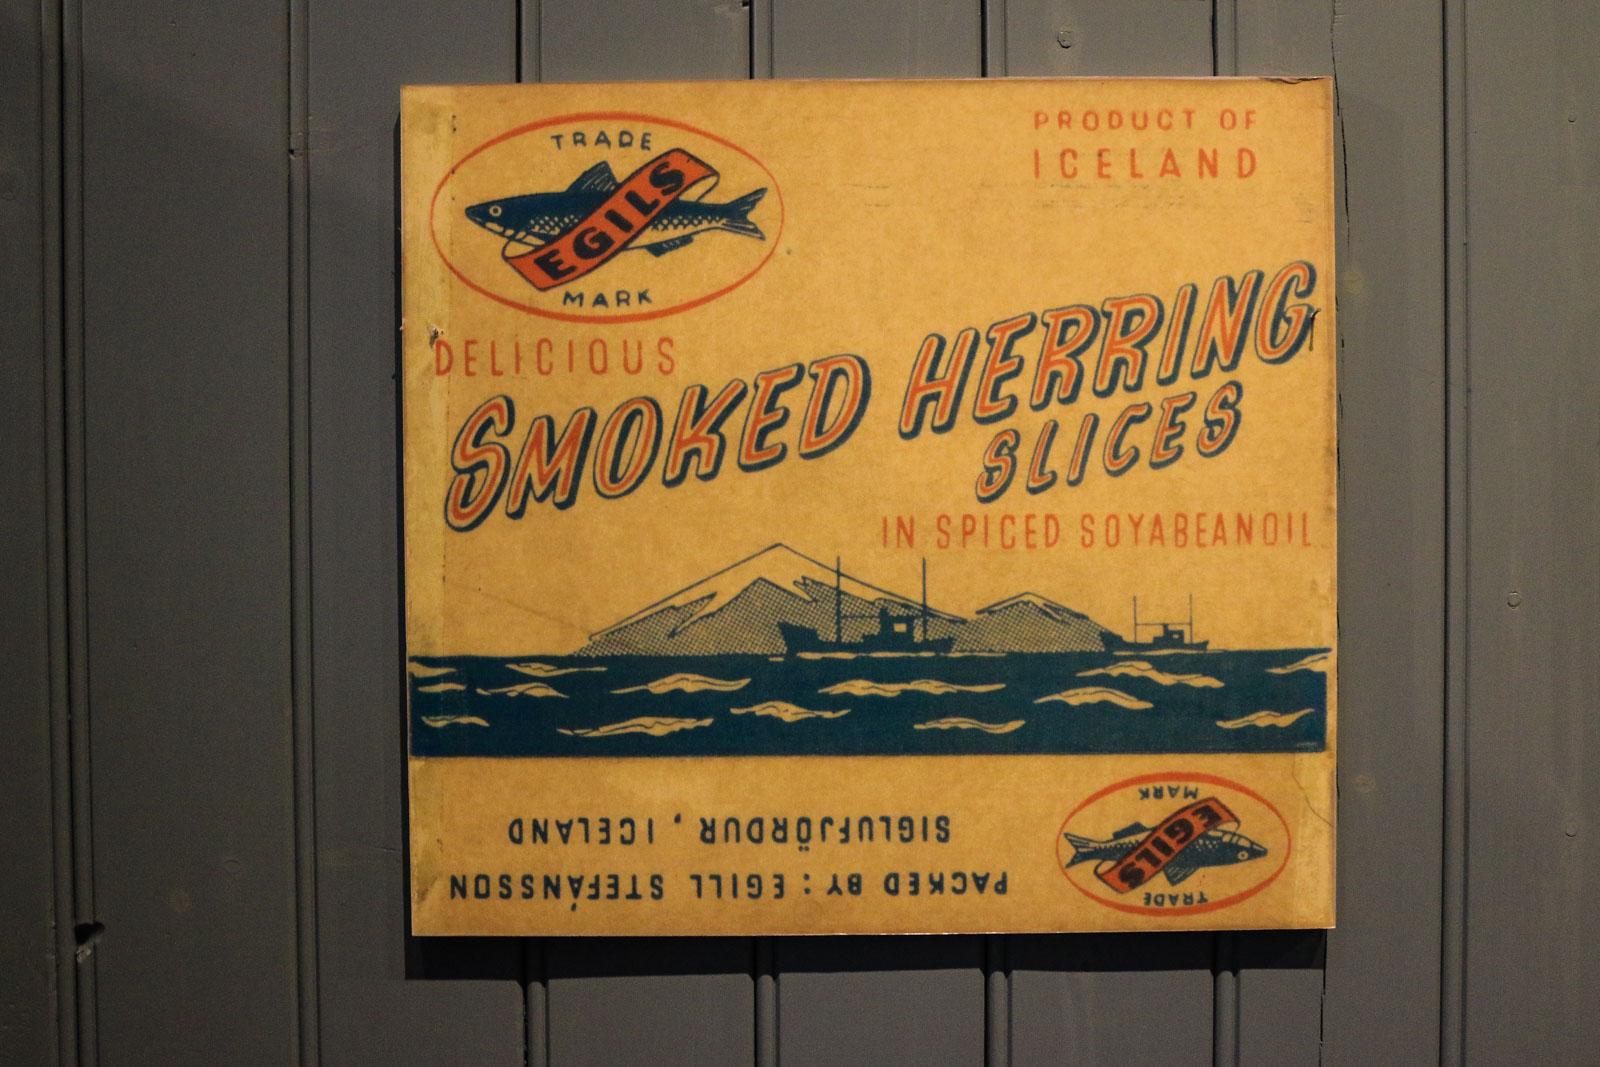 Etikettenwerbung für geräucherten Hering aus Island.